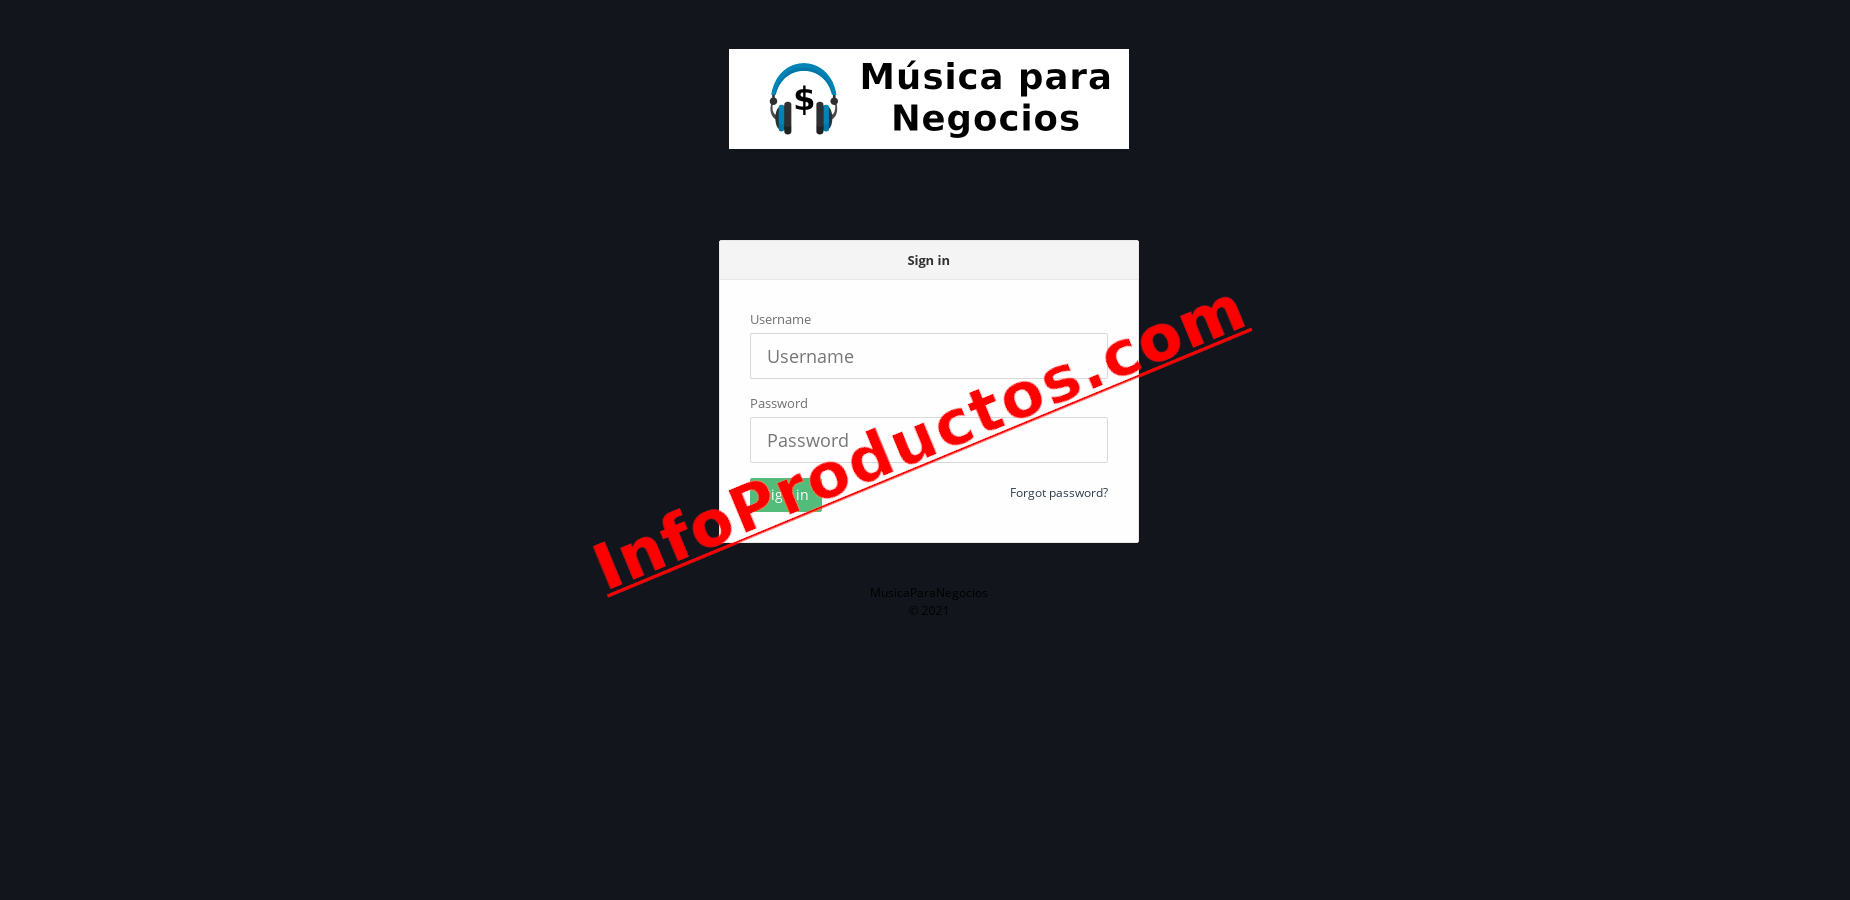 MusicaParaNegocios-PaginaInicio-infoproductos.com